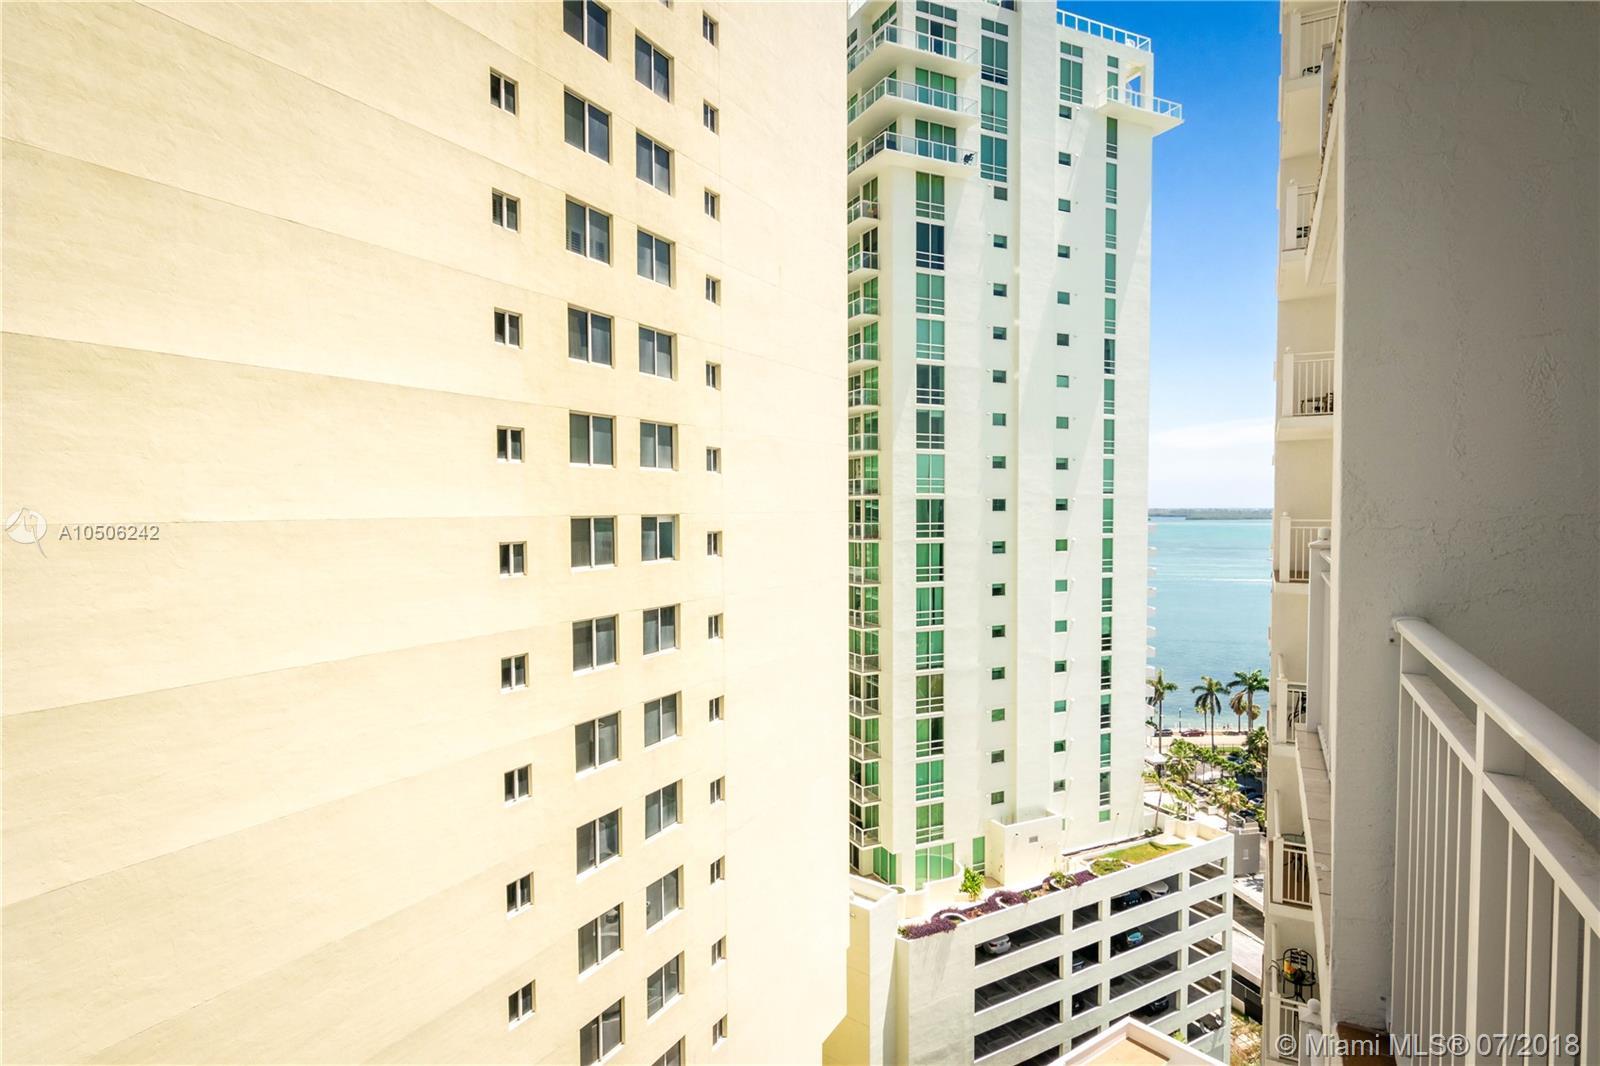 185 Southeast 14th Terrace, Miami, FL 33131, Fortune House #1812, Brickell, Miami A10506242 image #7